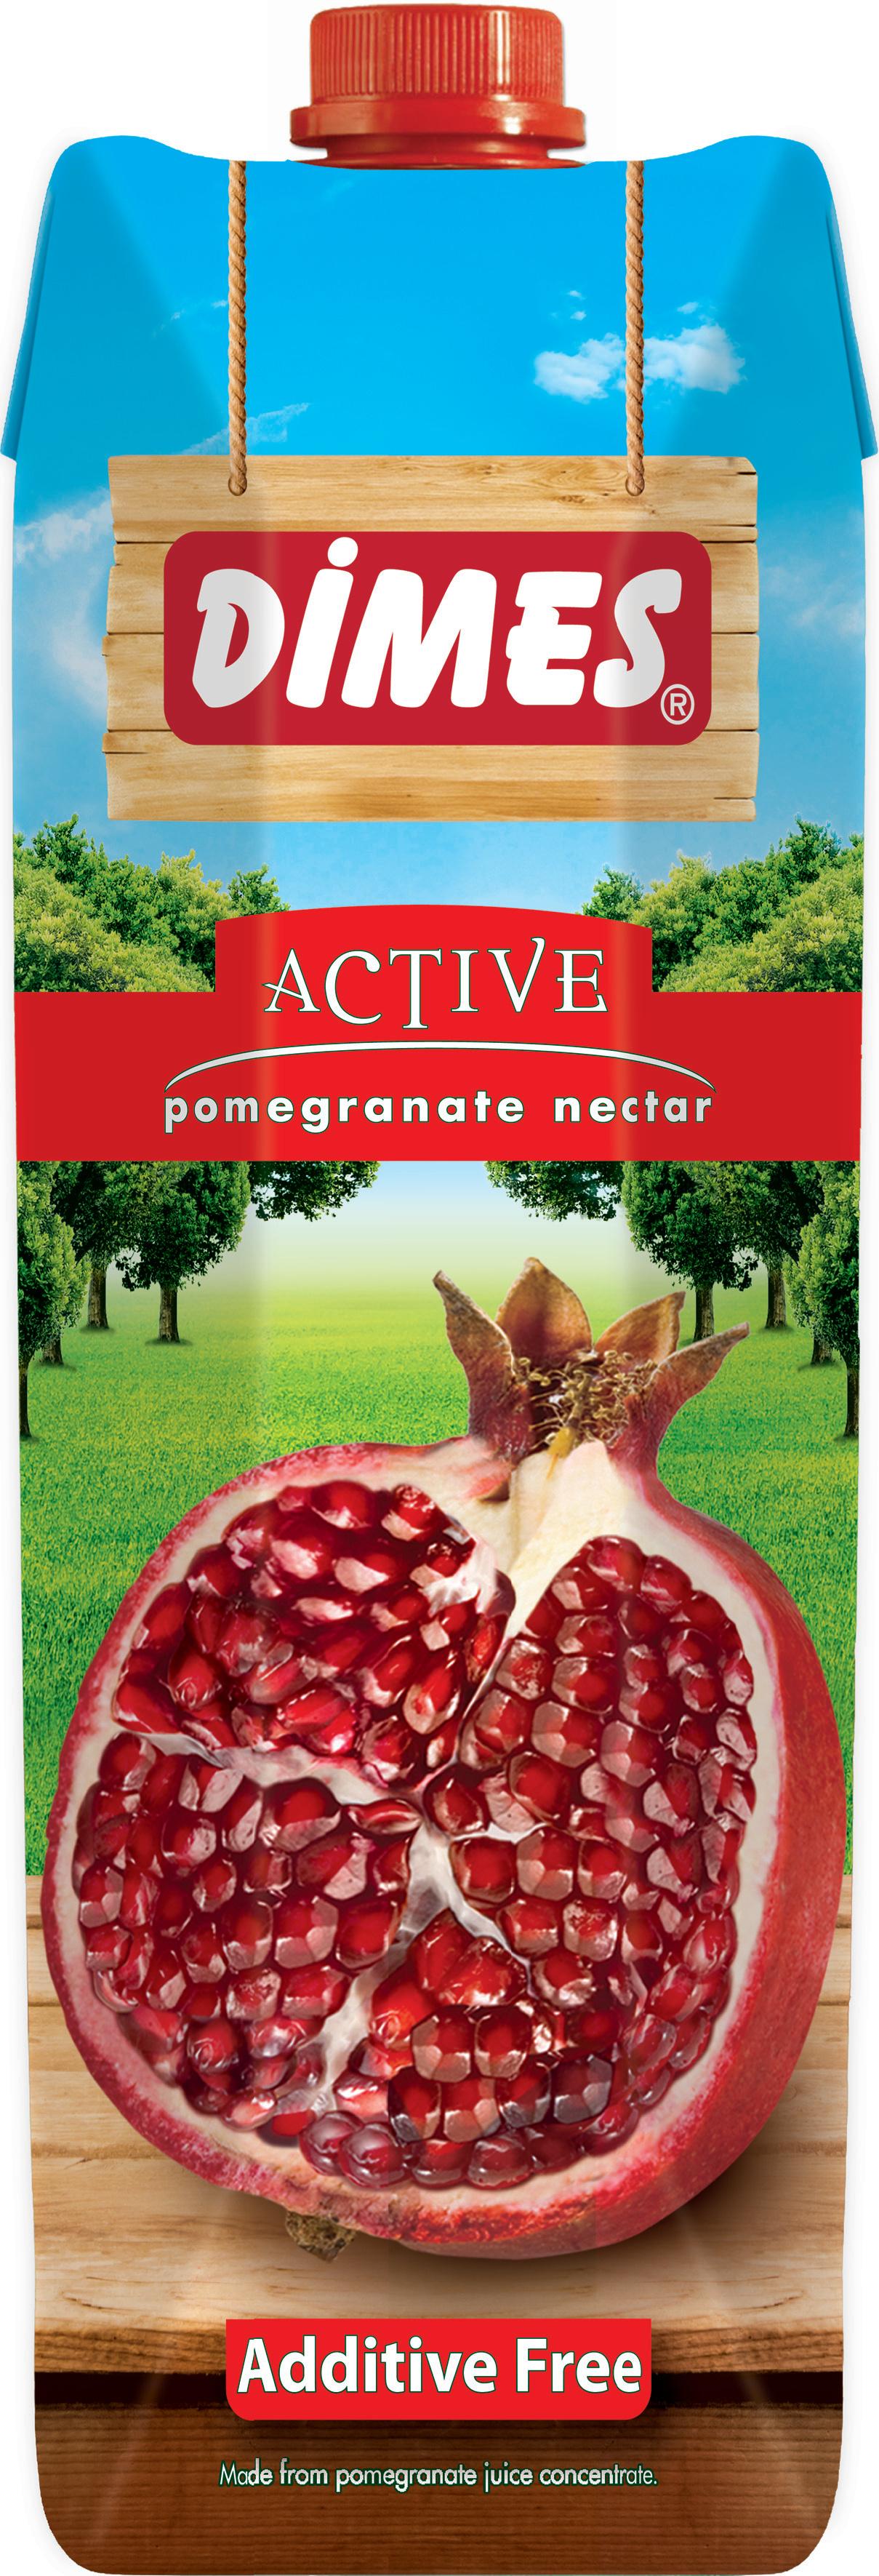 Dimes_Active_Pomegranate_1L